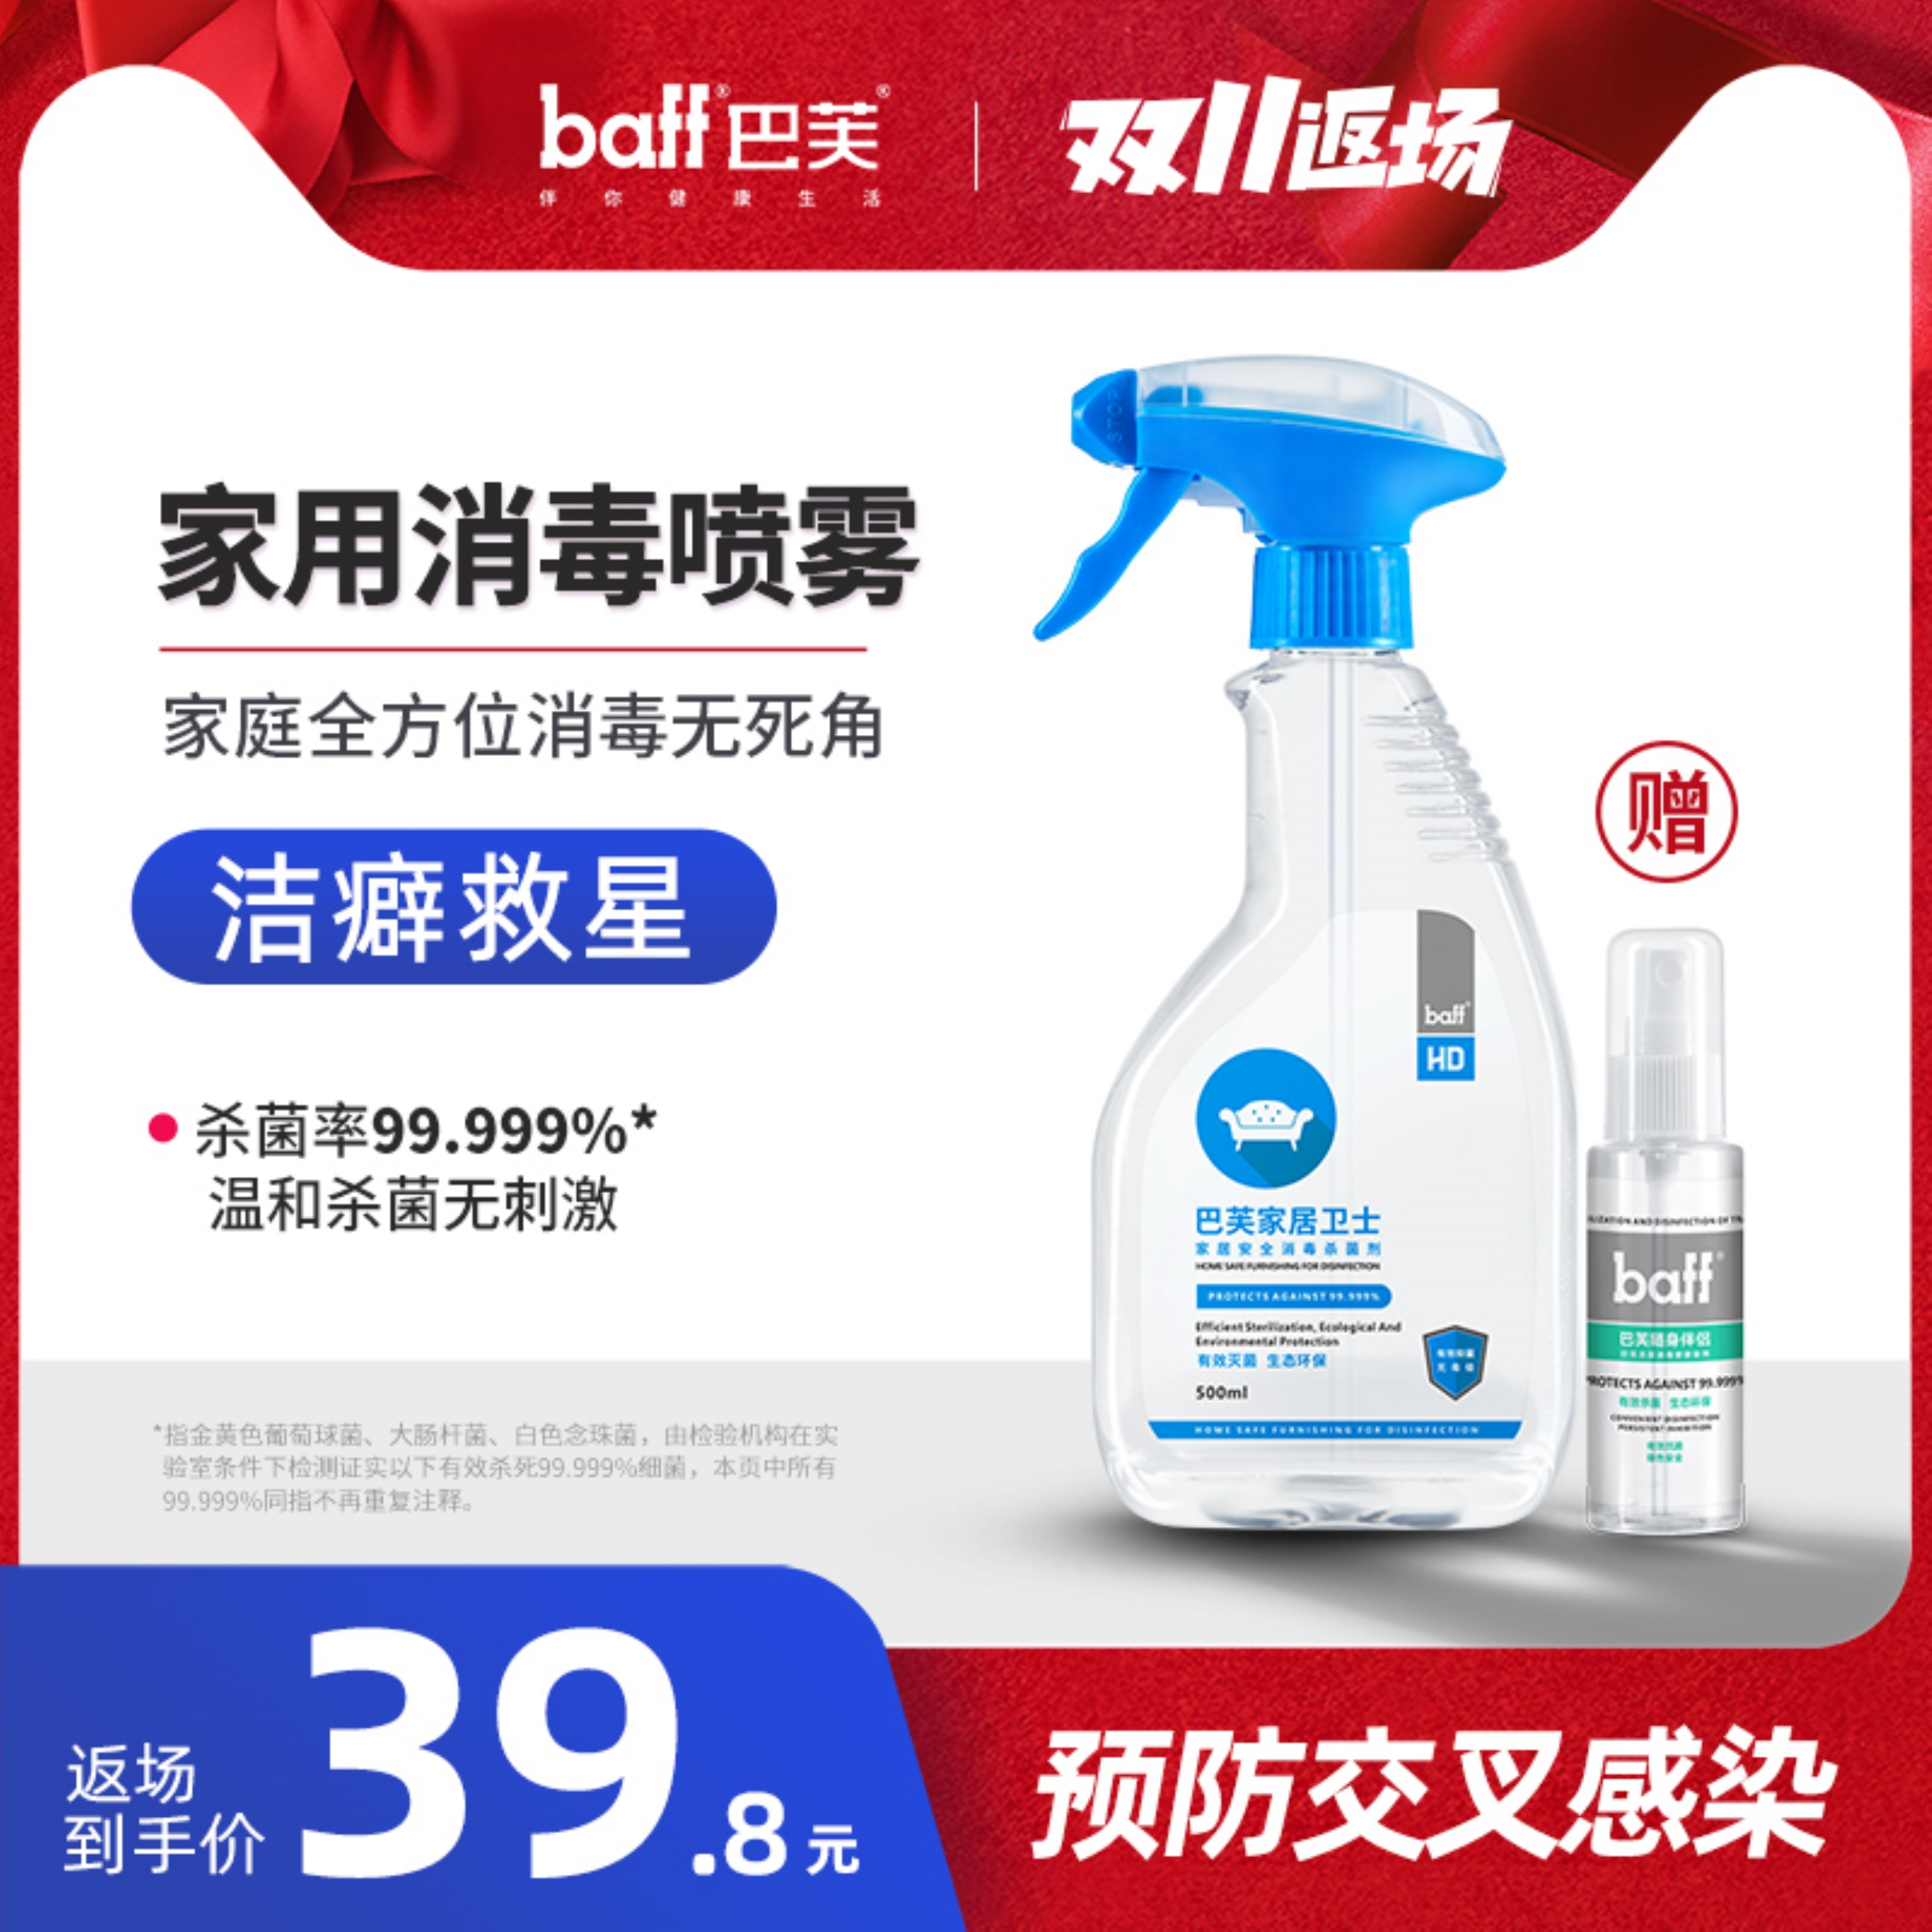 消毒液家用杀菌喷雾衣物地板玩具室内清洁马桶浴缸除菌非84免水洗